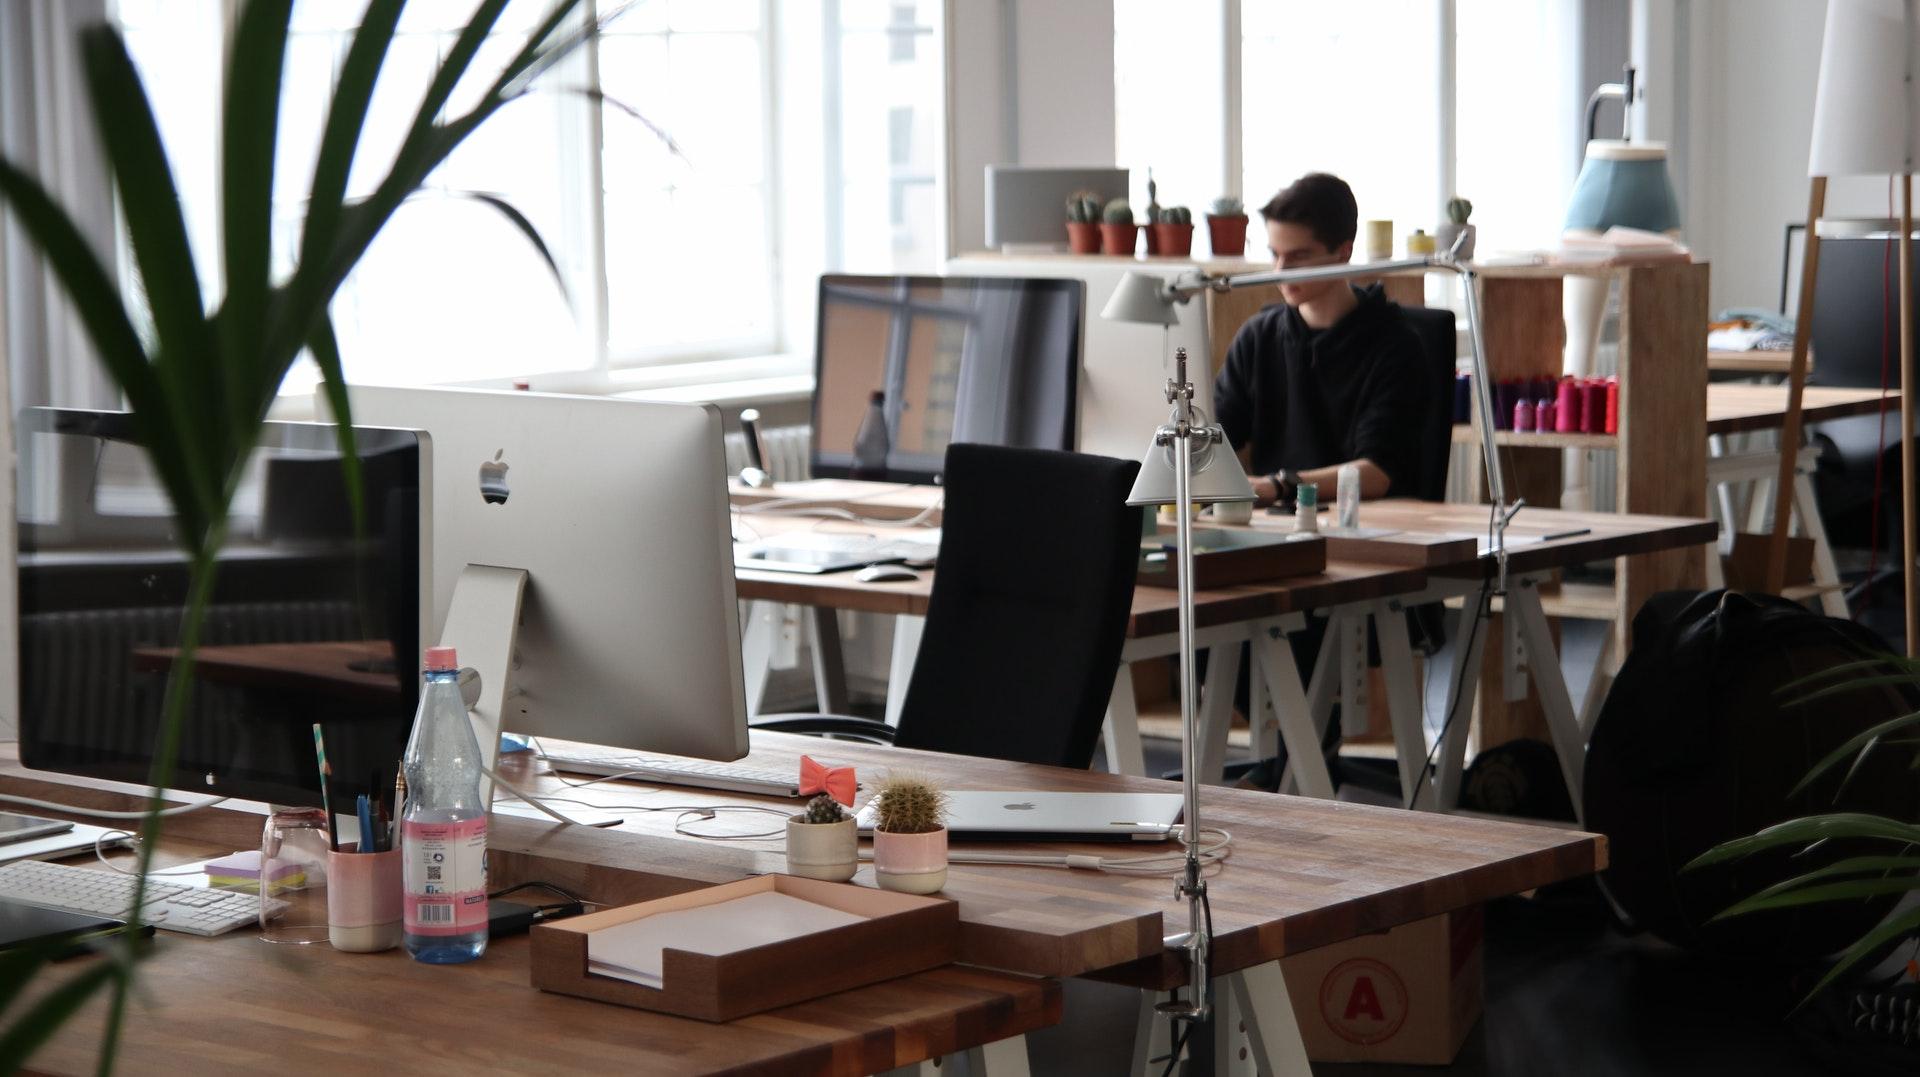 Le mobilier de bureau comme facteur de bien être au travail